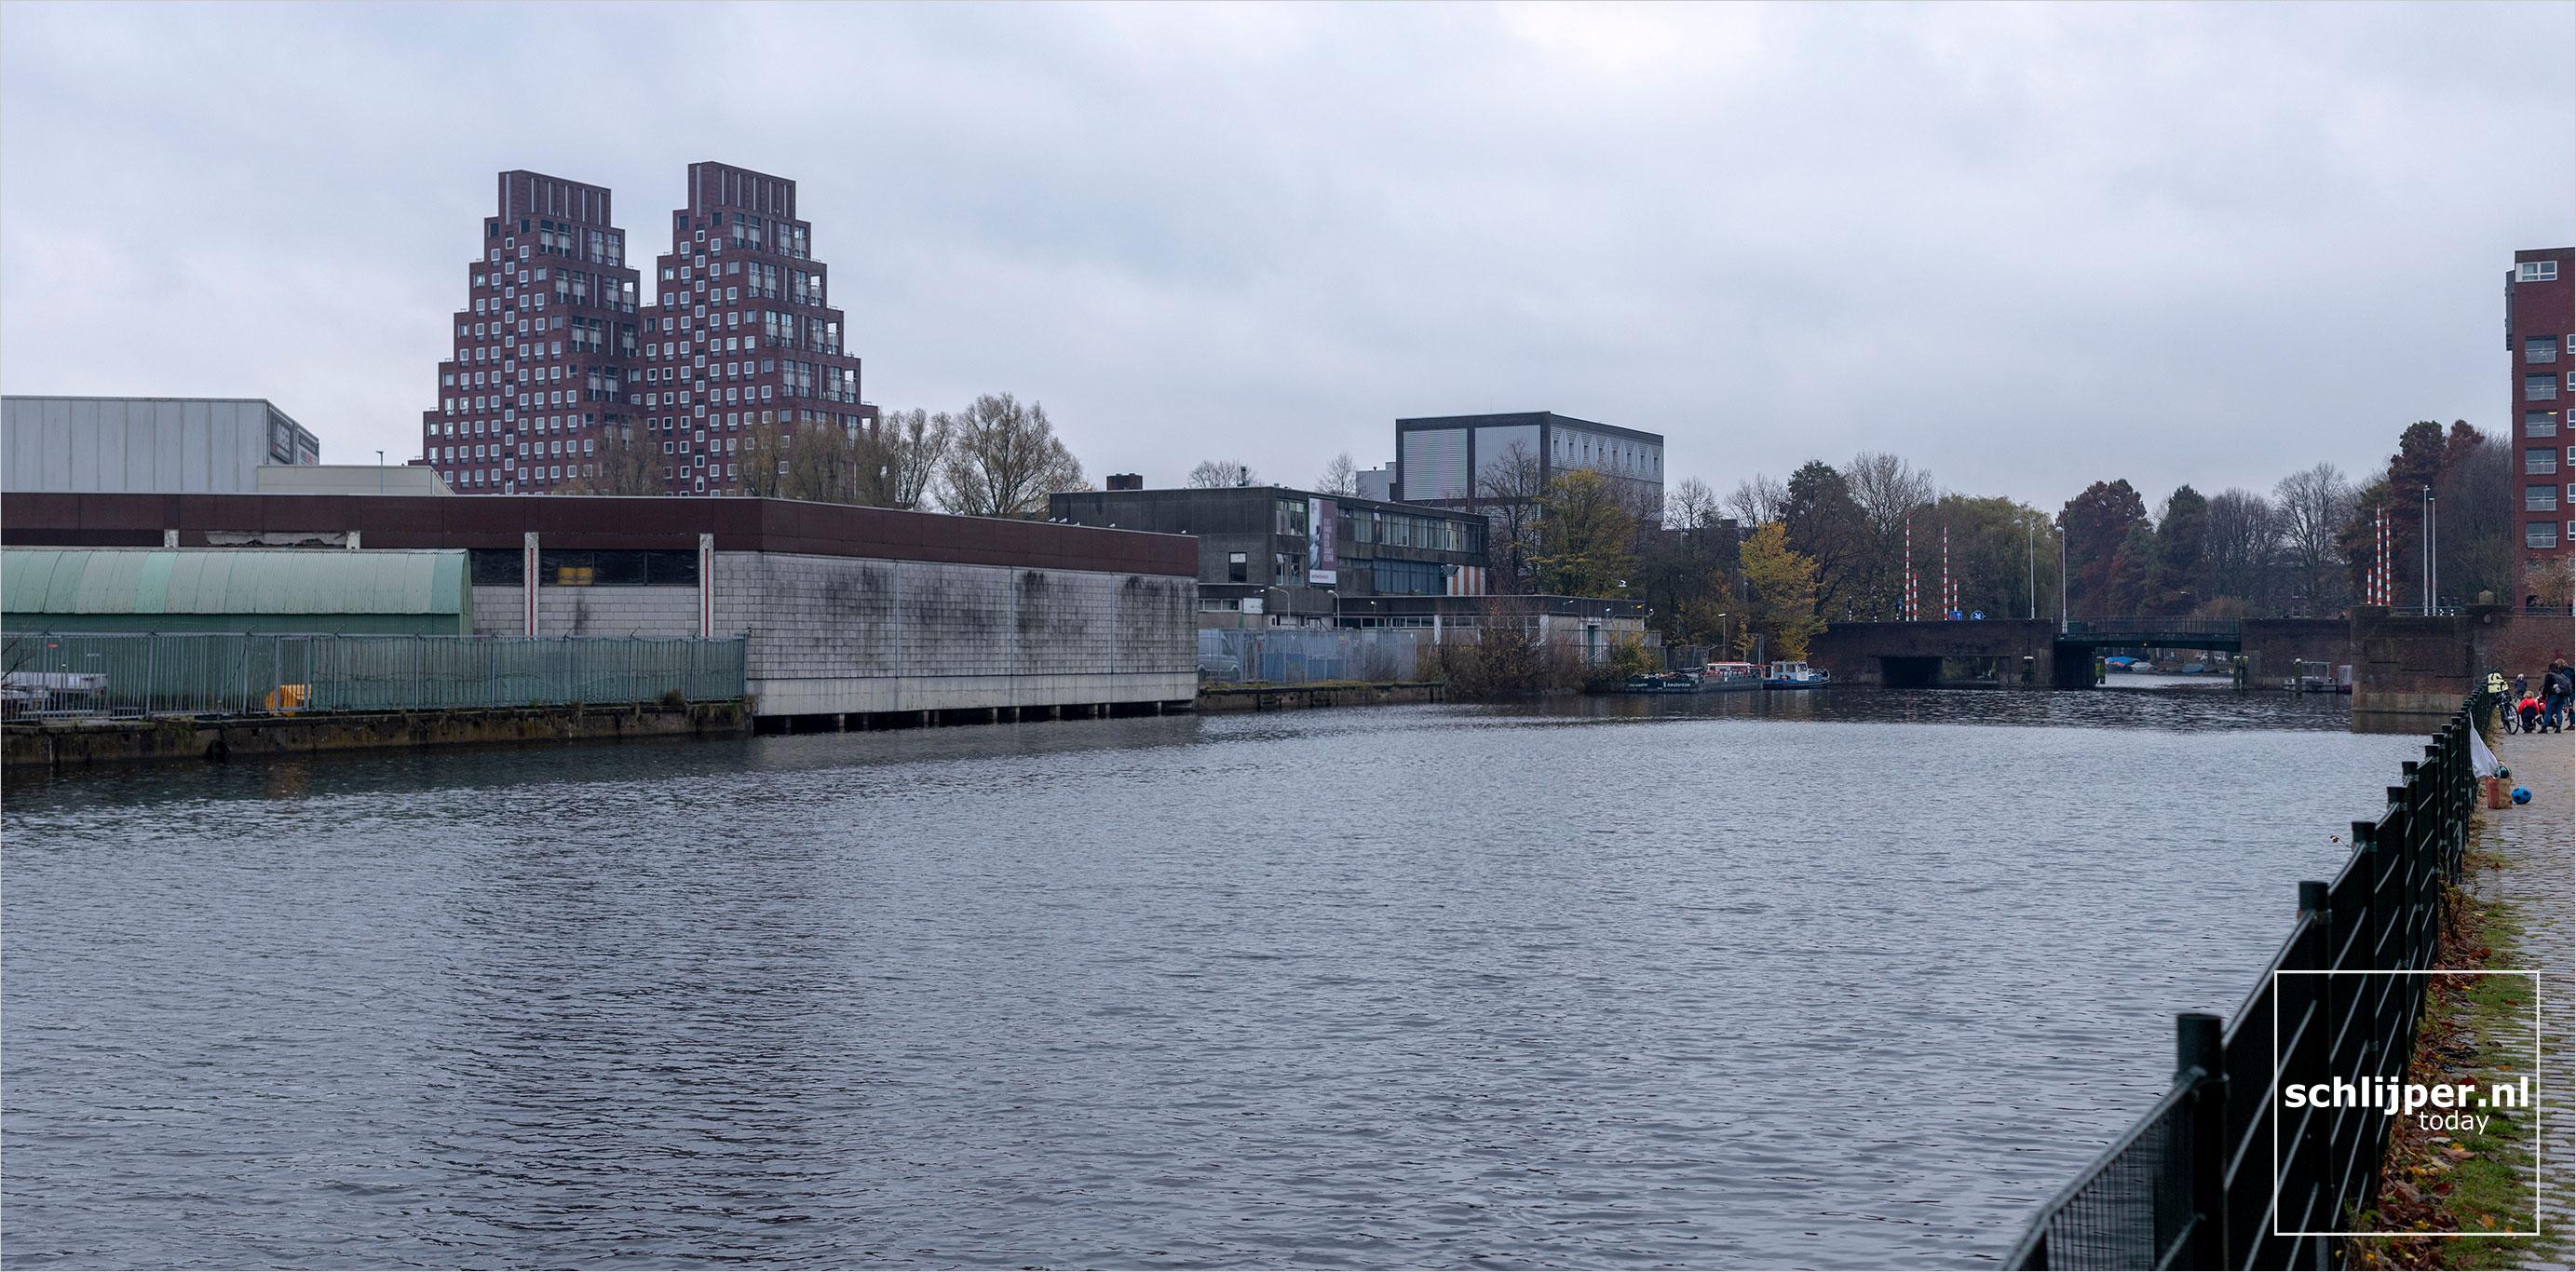 Nederland, Amsterdam, 14 november 2020